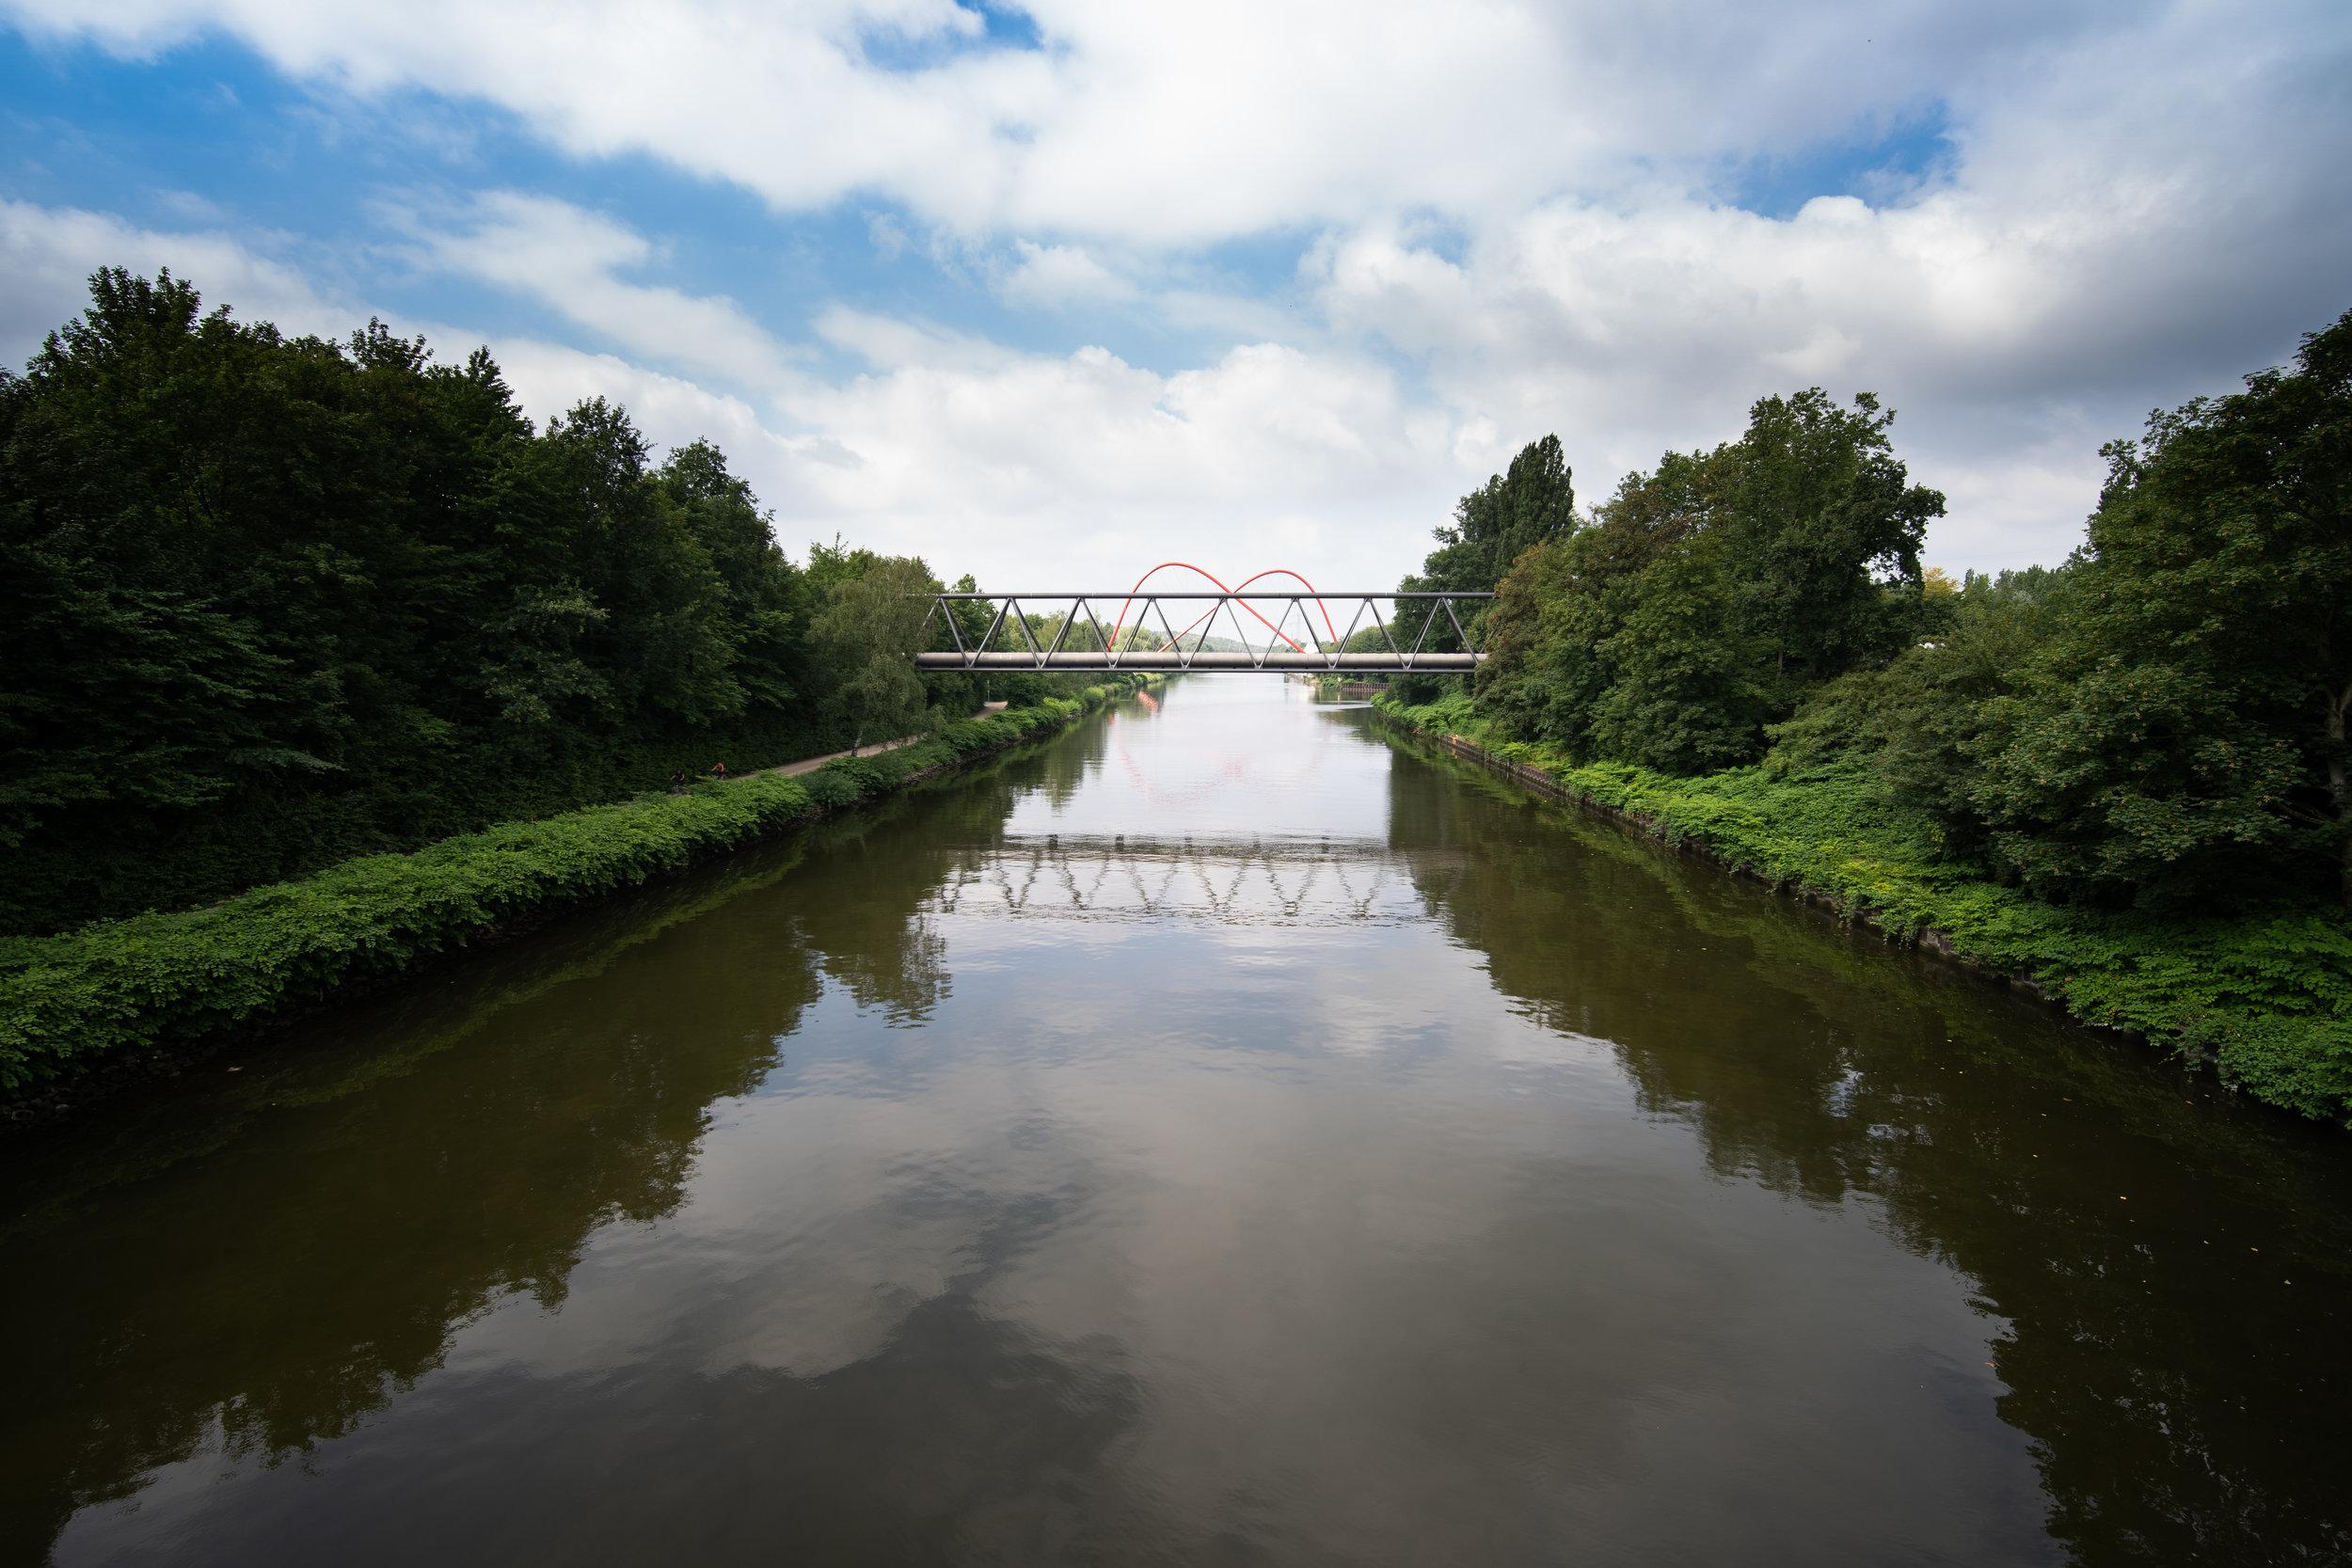 Rhein-Herne Kanal am Nordsternpark, Gelsenkirchen